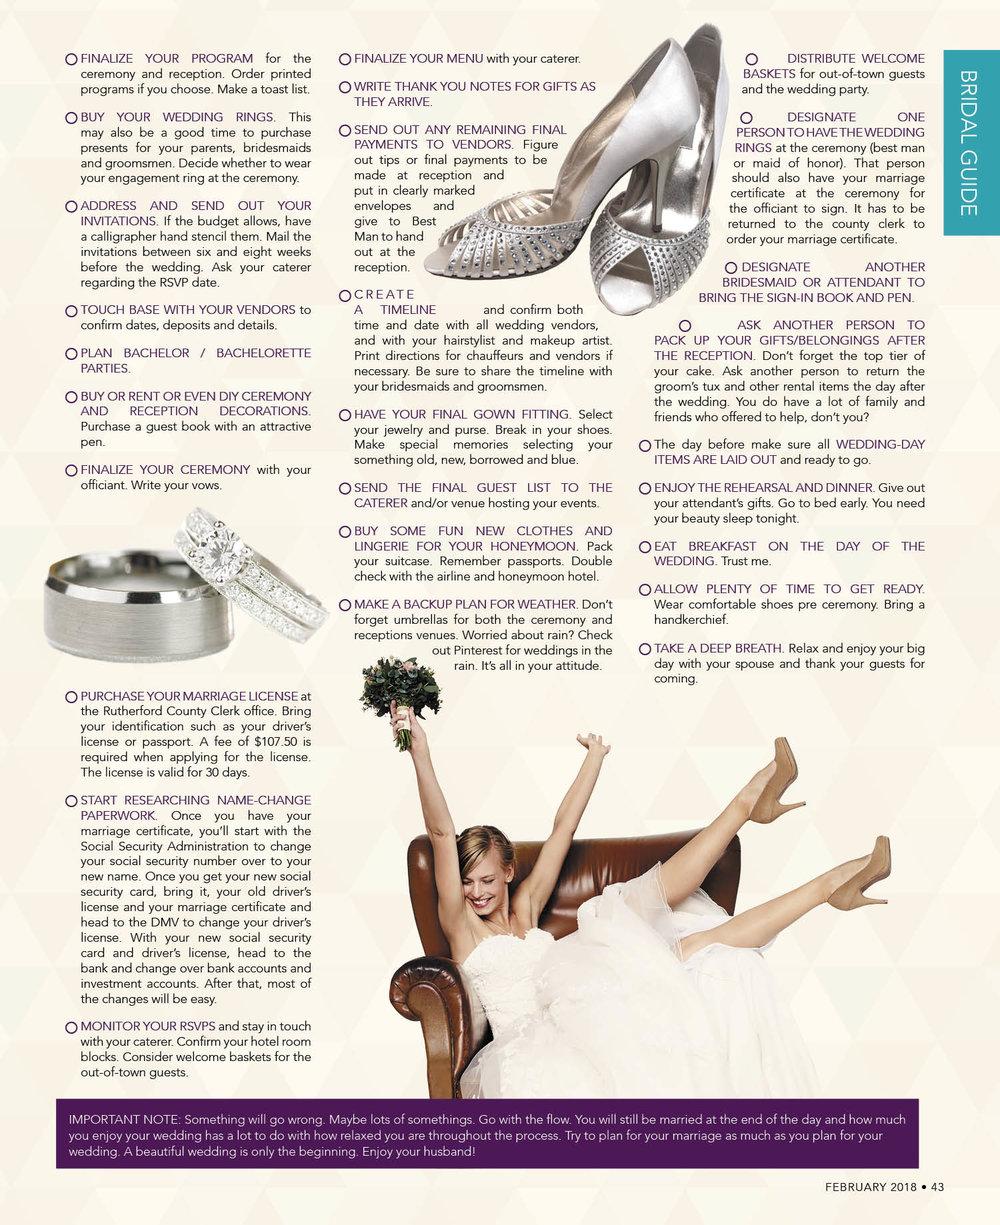 043_ED_Wedding_Checklist2.jpg